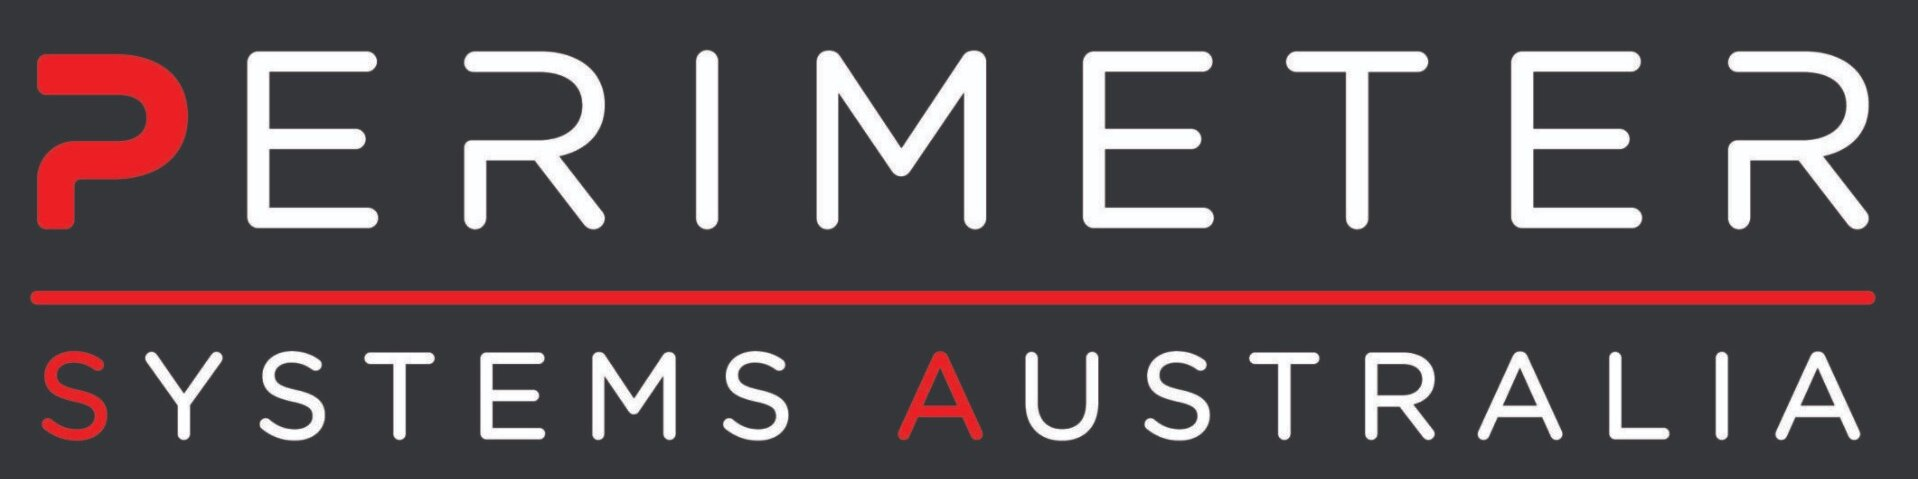 Psa Logo Reversed